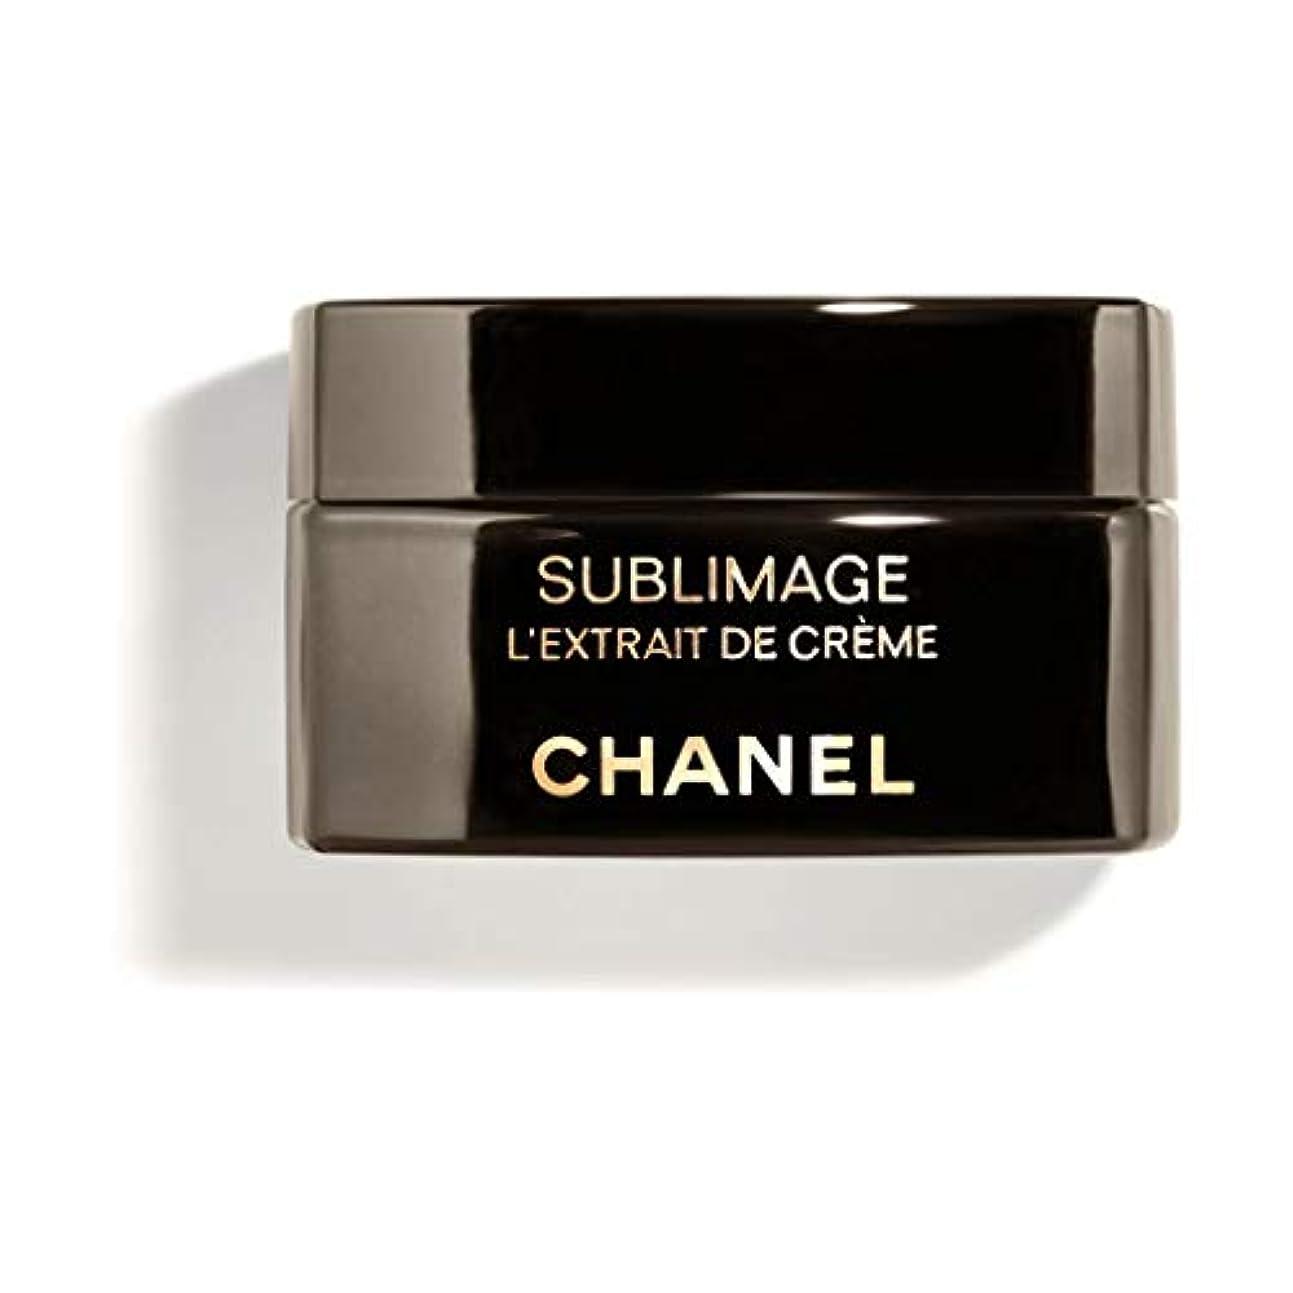 無駄に無駄に海里CHANEL(シャネル) SUBLIMAGE L EXTRAIT DE CREME サブリマージュ レクストレ ドゥ クレーム 50g